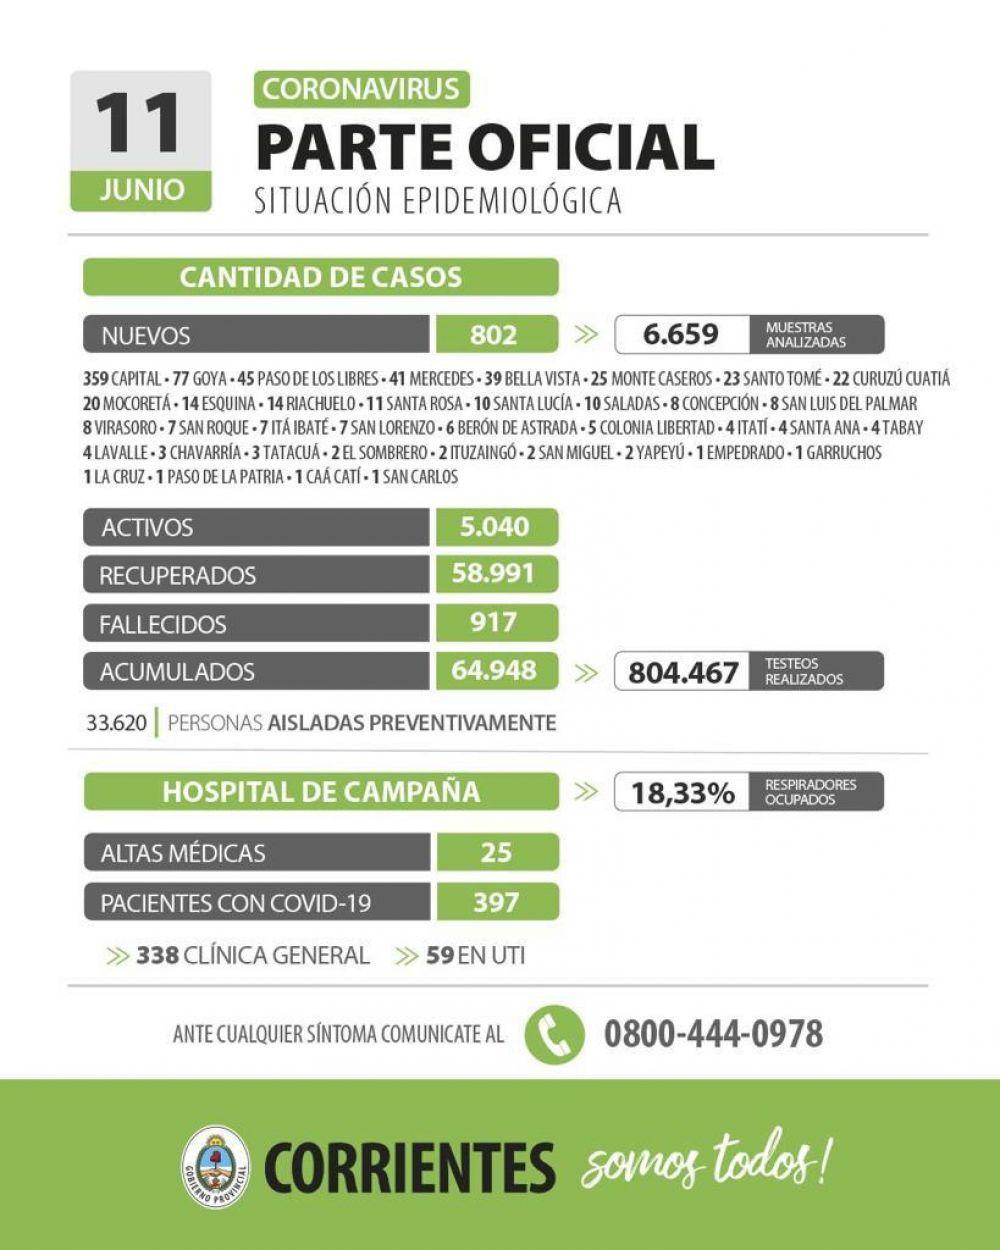 Corrientes registra 802 casos nuevos de Coronavirus